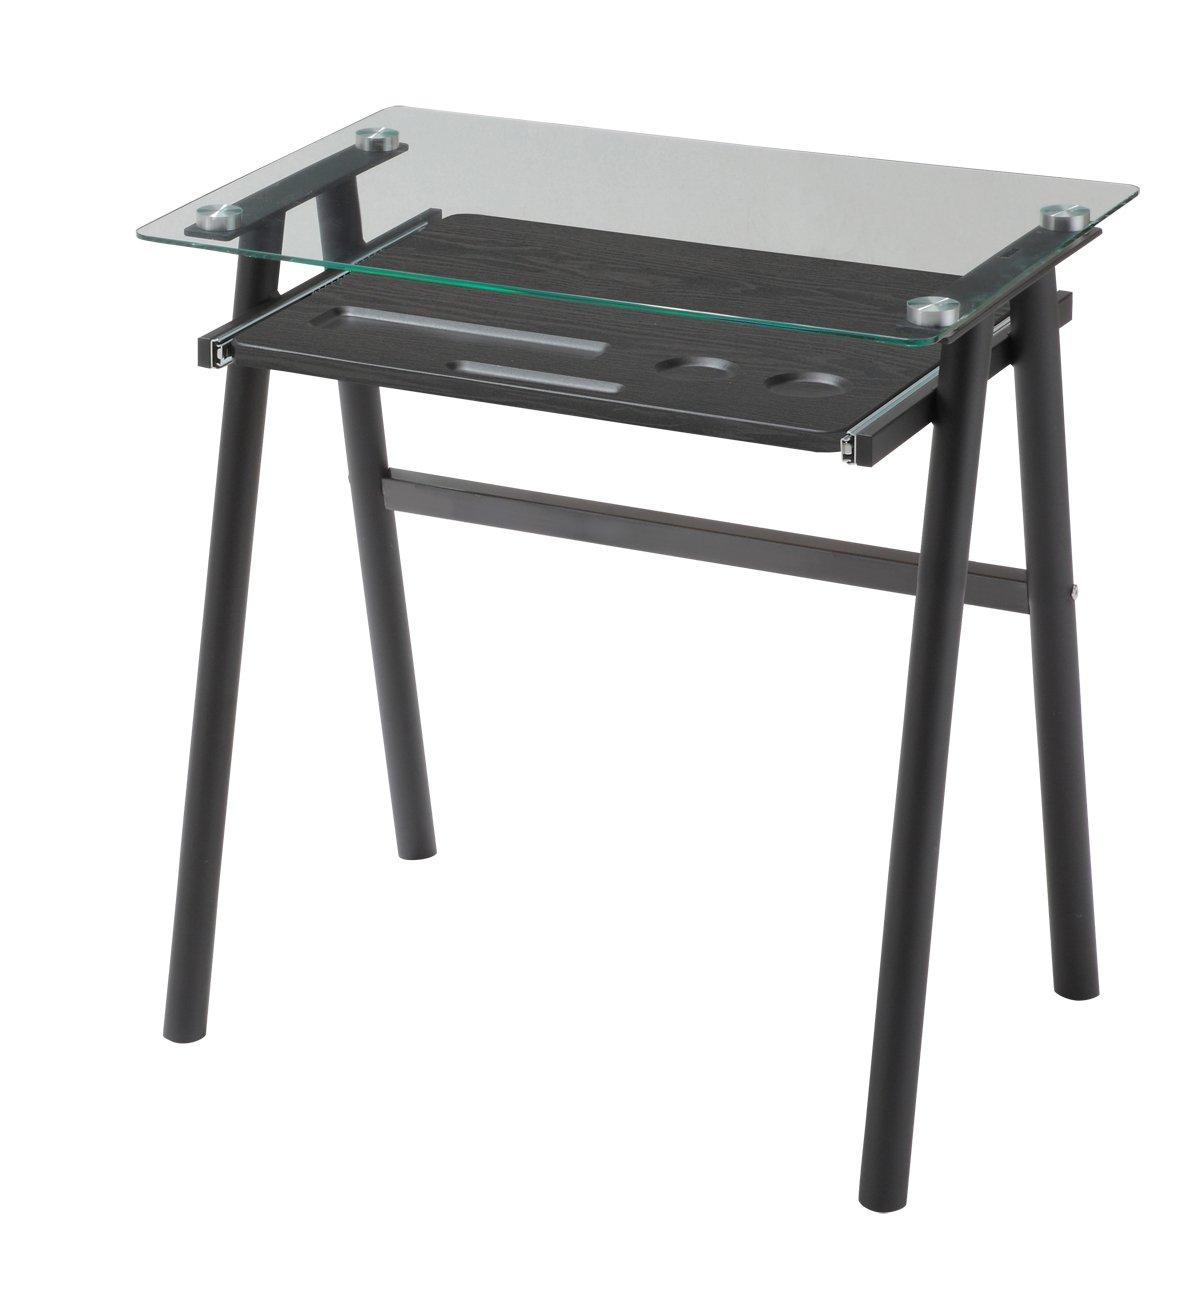 あずま工芸 トリスタ ガラスデスク 幅70cm ガラス天板 ブラック EDG-1979 B01HMCR5FQブラック